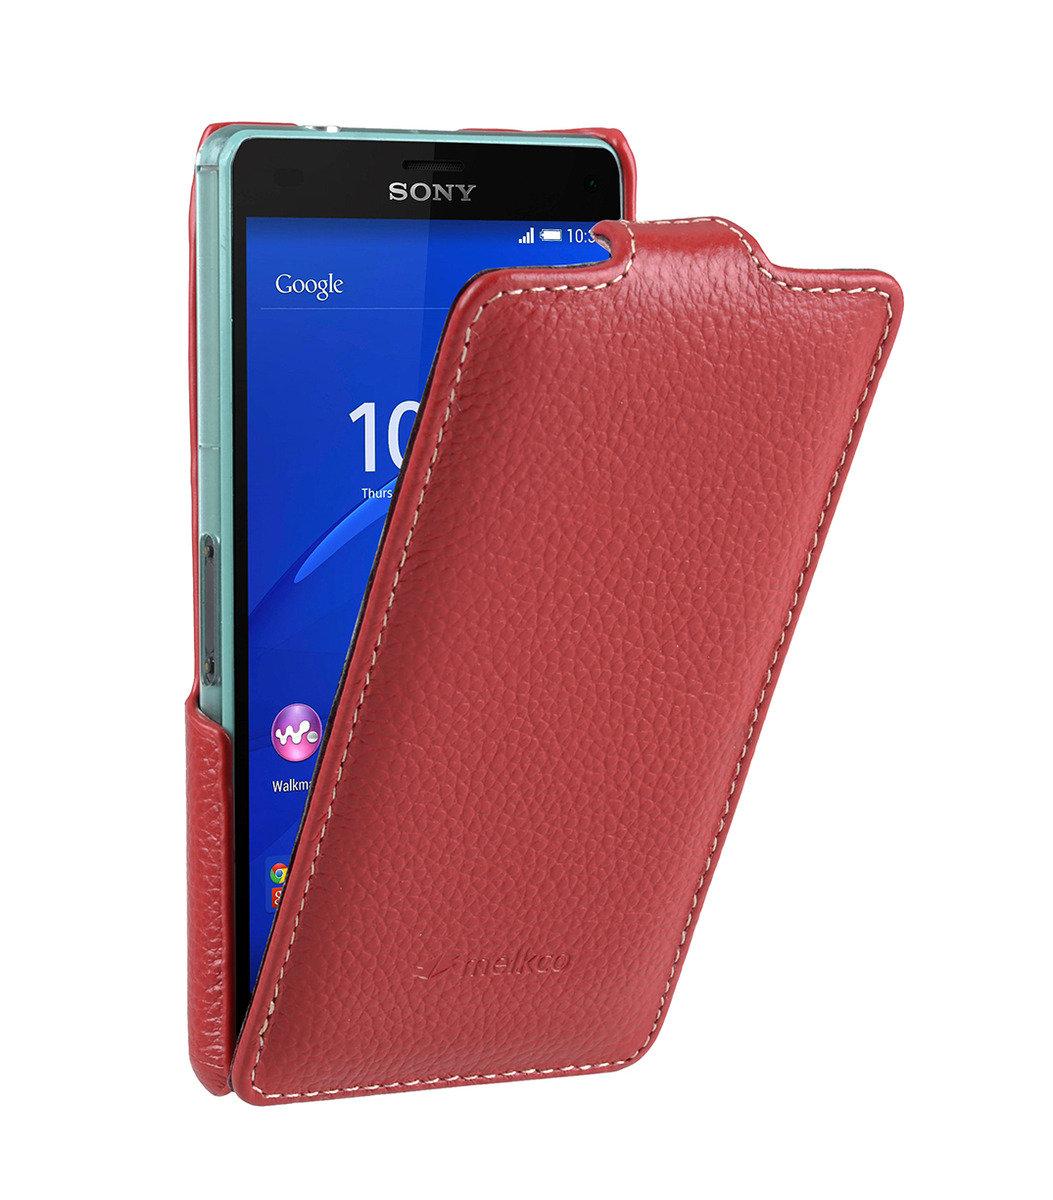 Sony Xperia Z3 Compact / Z3 Mini Jacka Type 高級真皮革手機套 (紅色荔枝條紋)